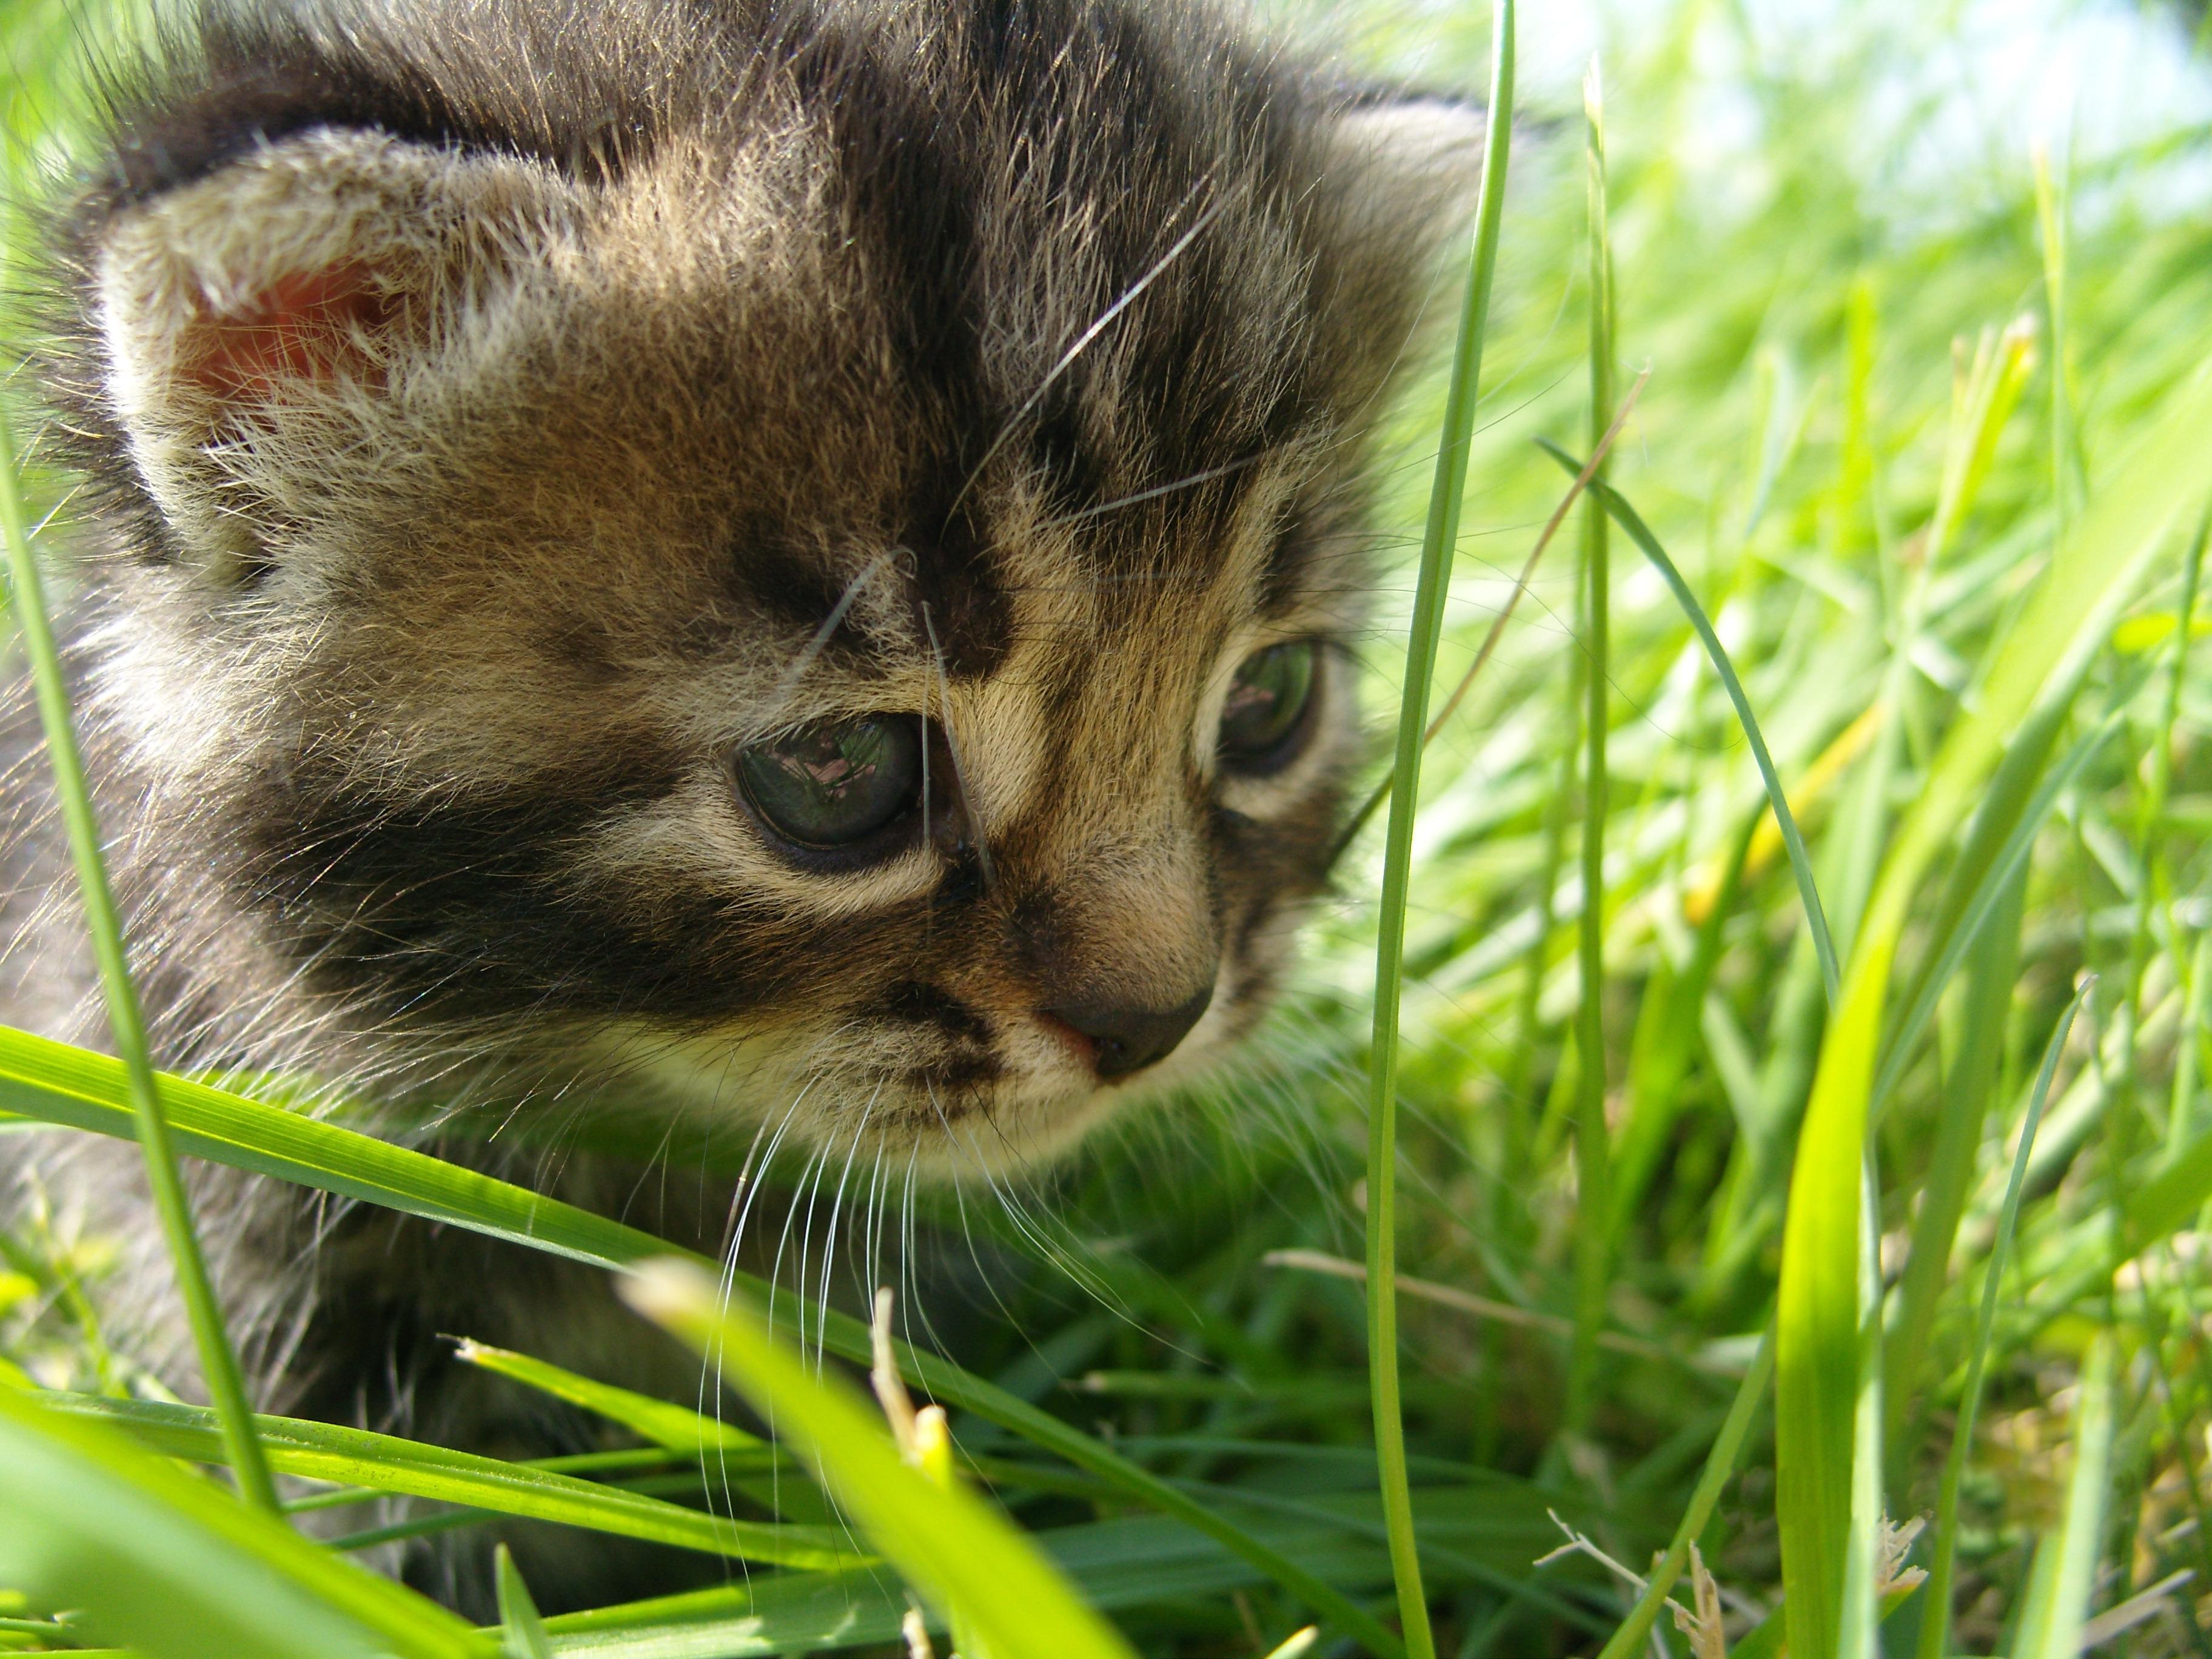 природа животные котята коты  № 1999735 загрузить